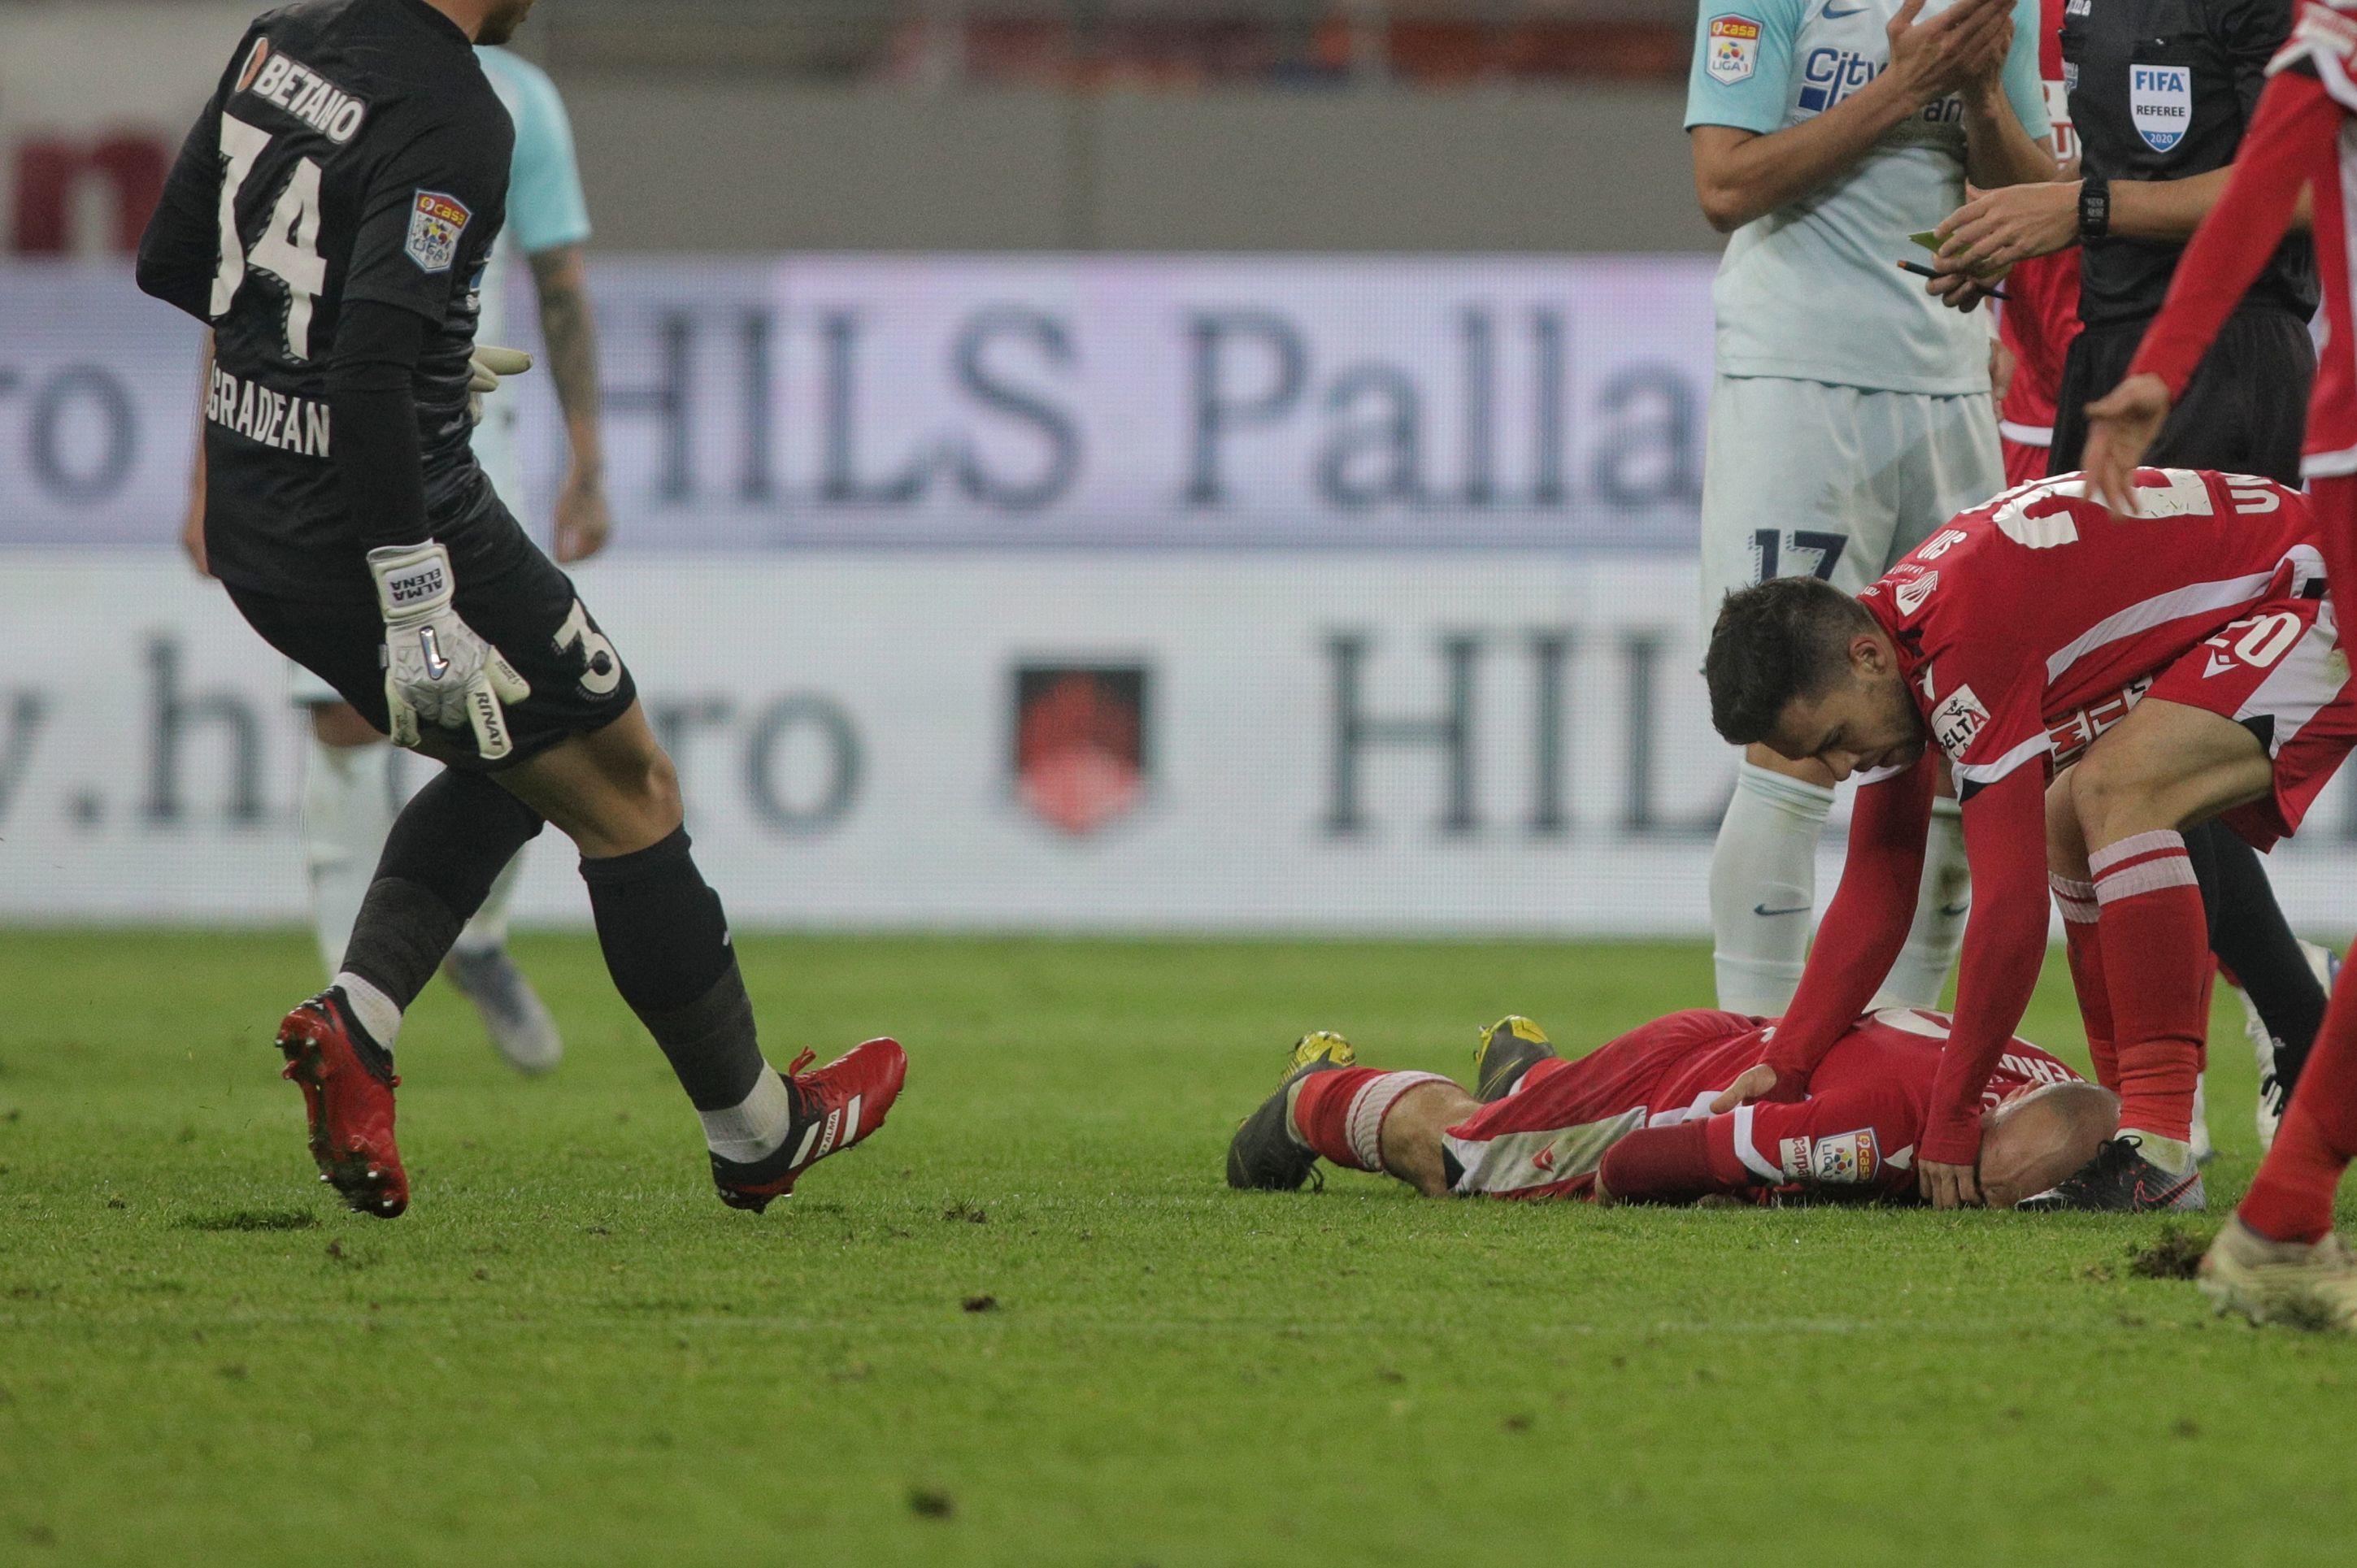 Dinamo - FCSB, scor 2-1. Meciul a fost oprit de două ori, un jucător a ajuns la spital